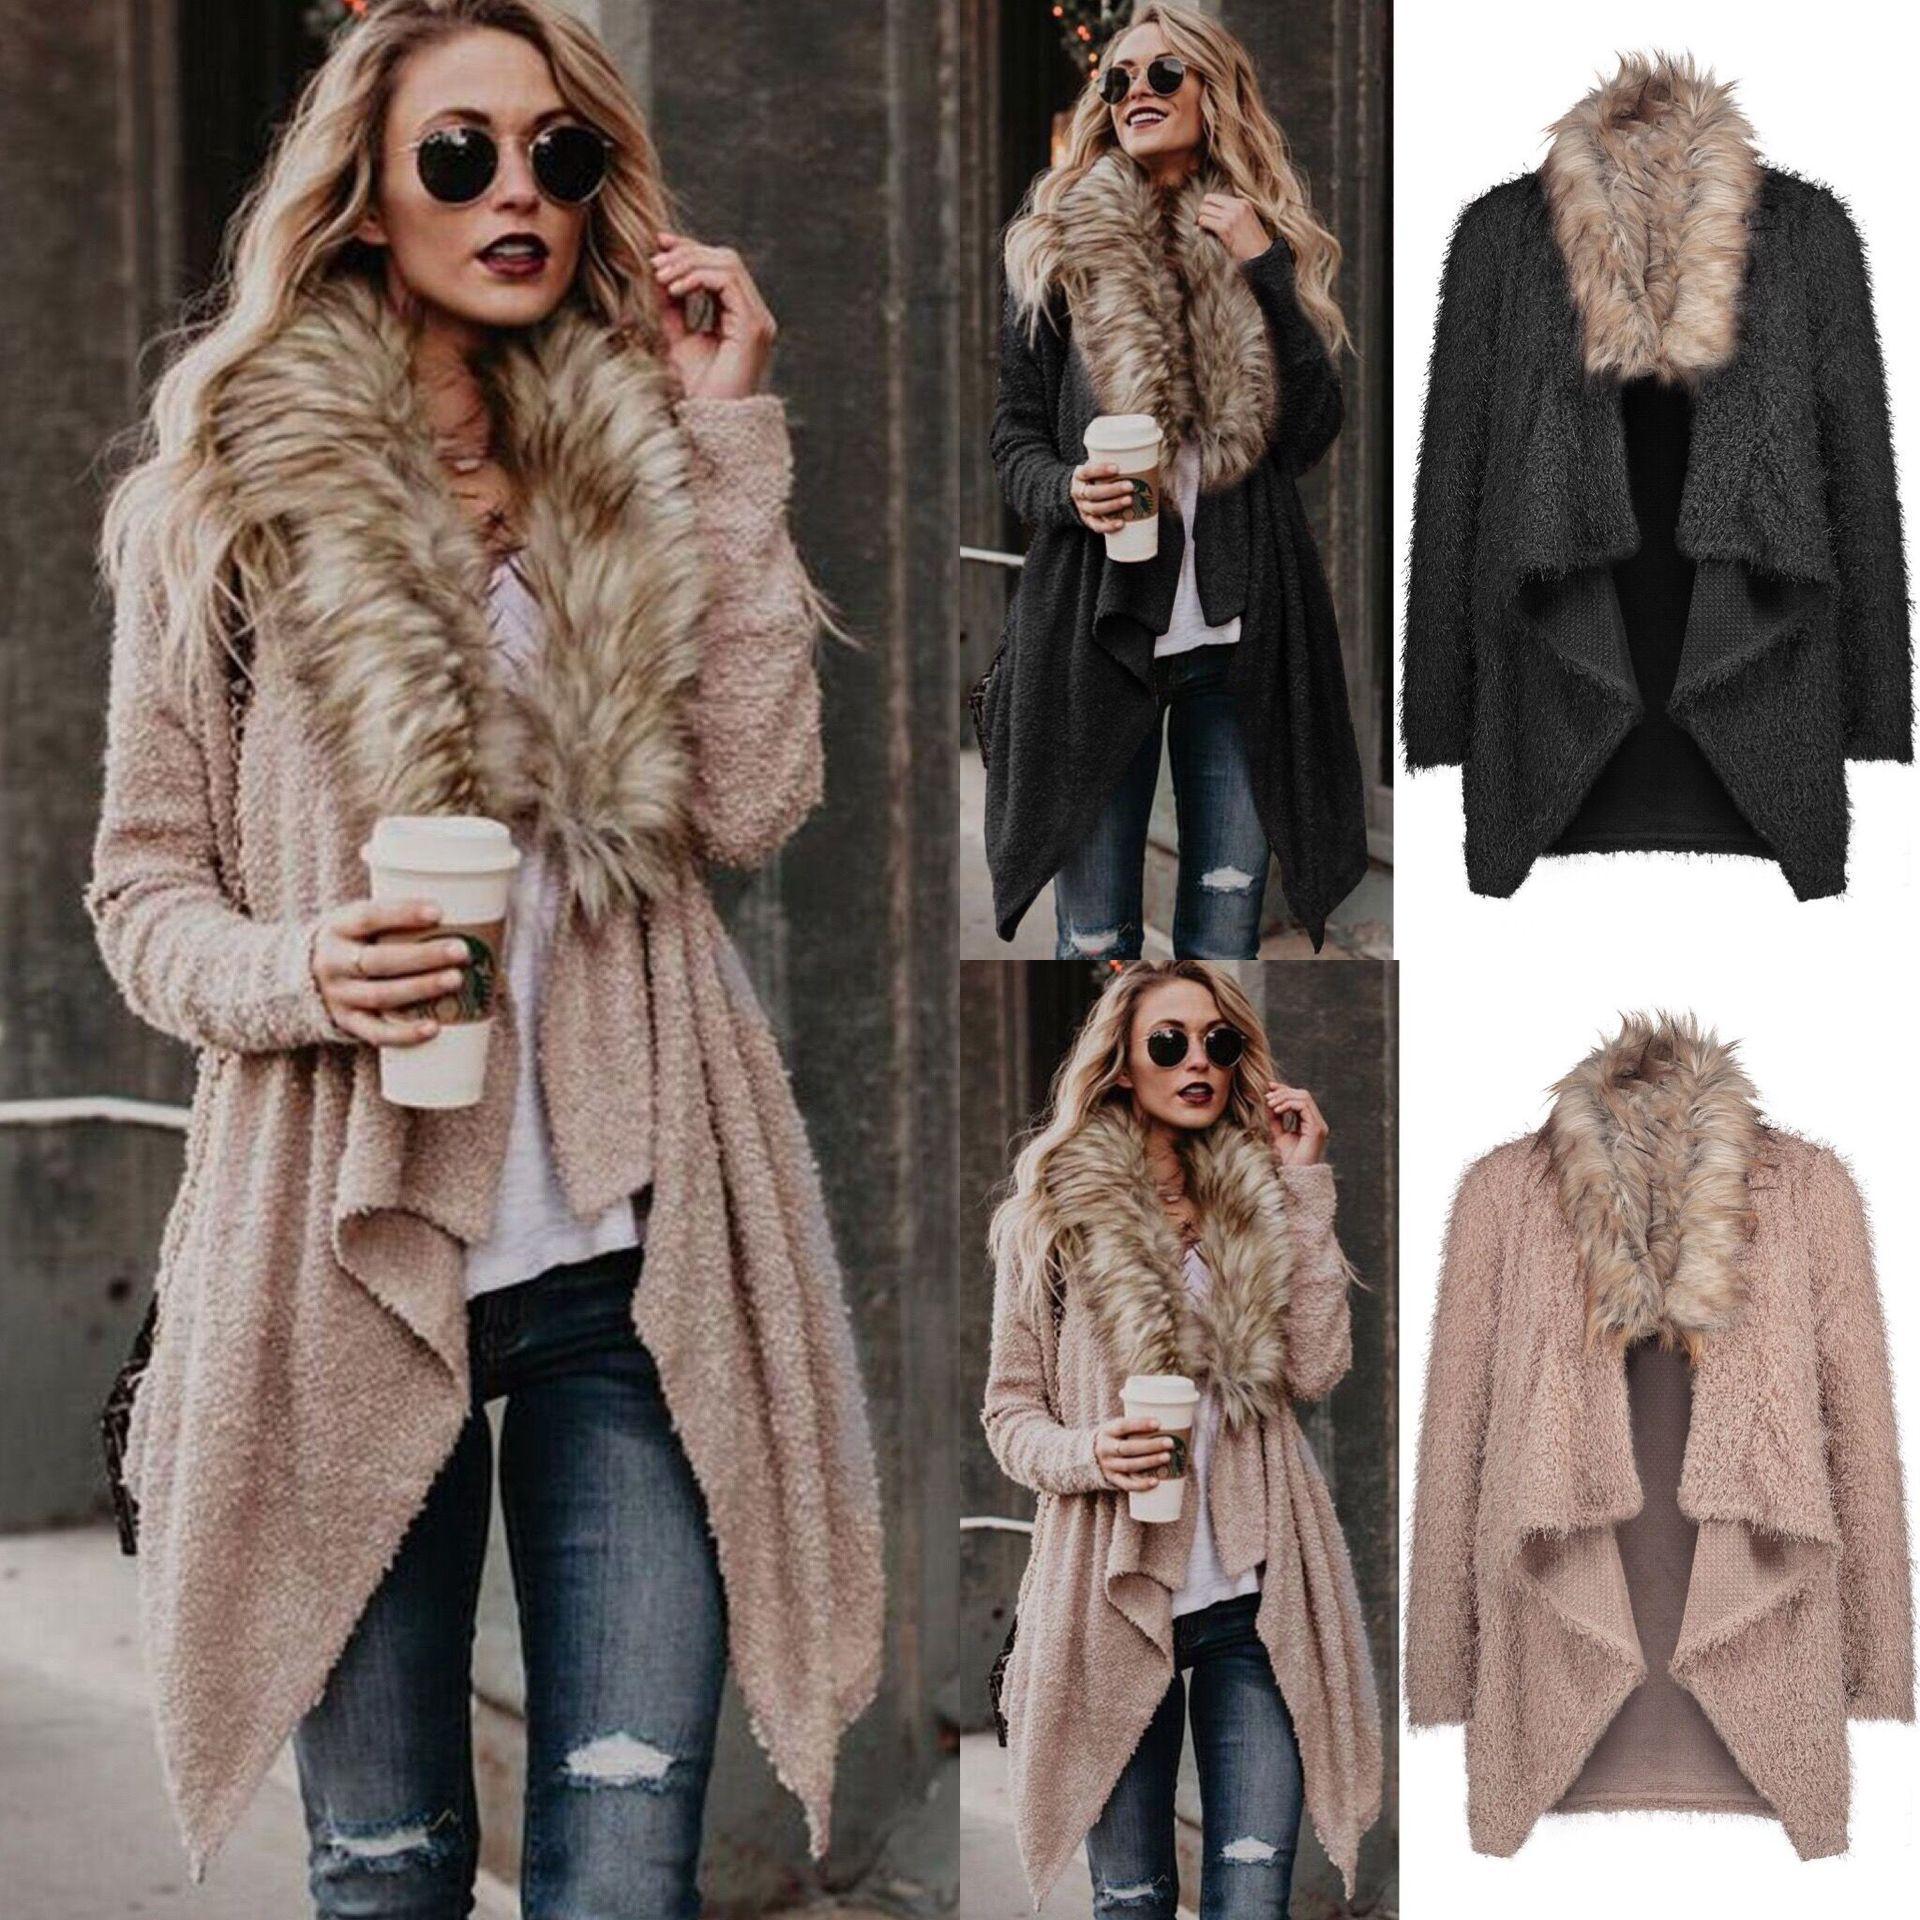 aed7426cd15c Марка мода роскошный дизайнер Женская верхняя одежда пальто тонкий  сексуальный тренч пальто большой размер Женская одежда